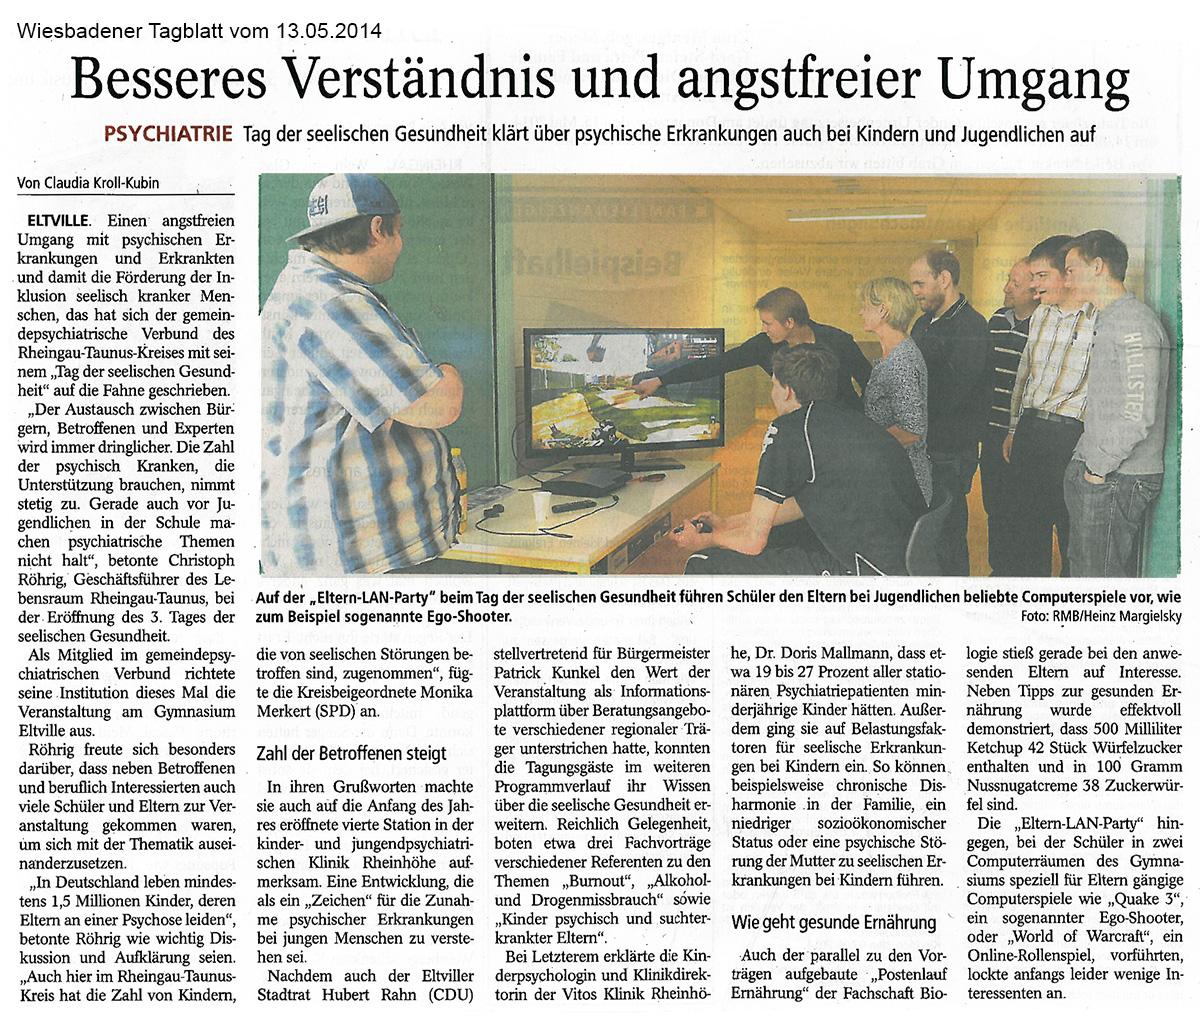 2014-05-10_Tag_der_seelischen_Gesundheit-gr